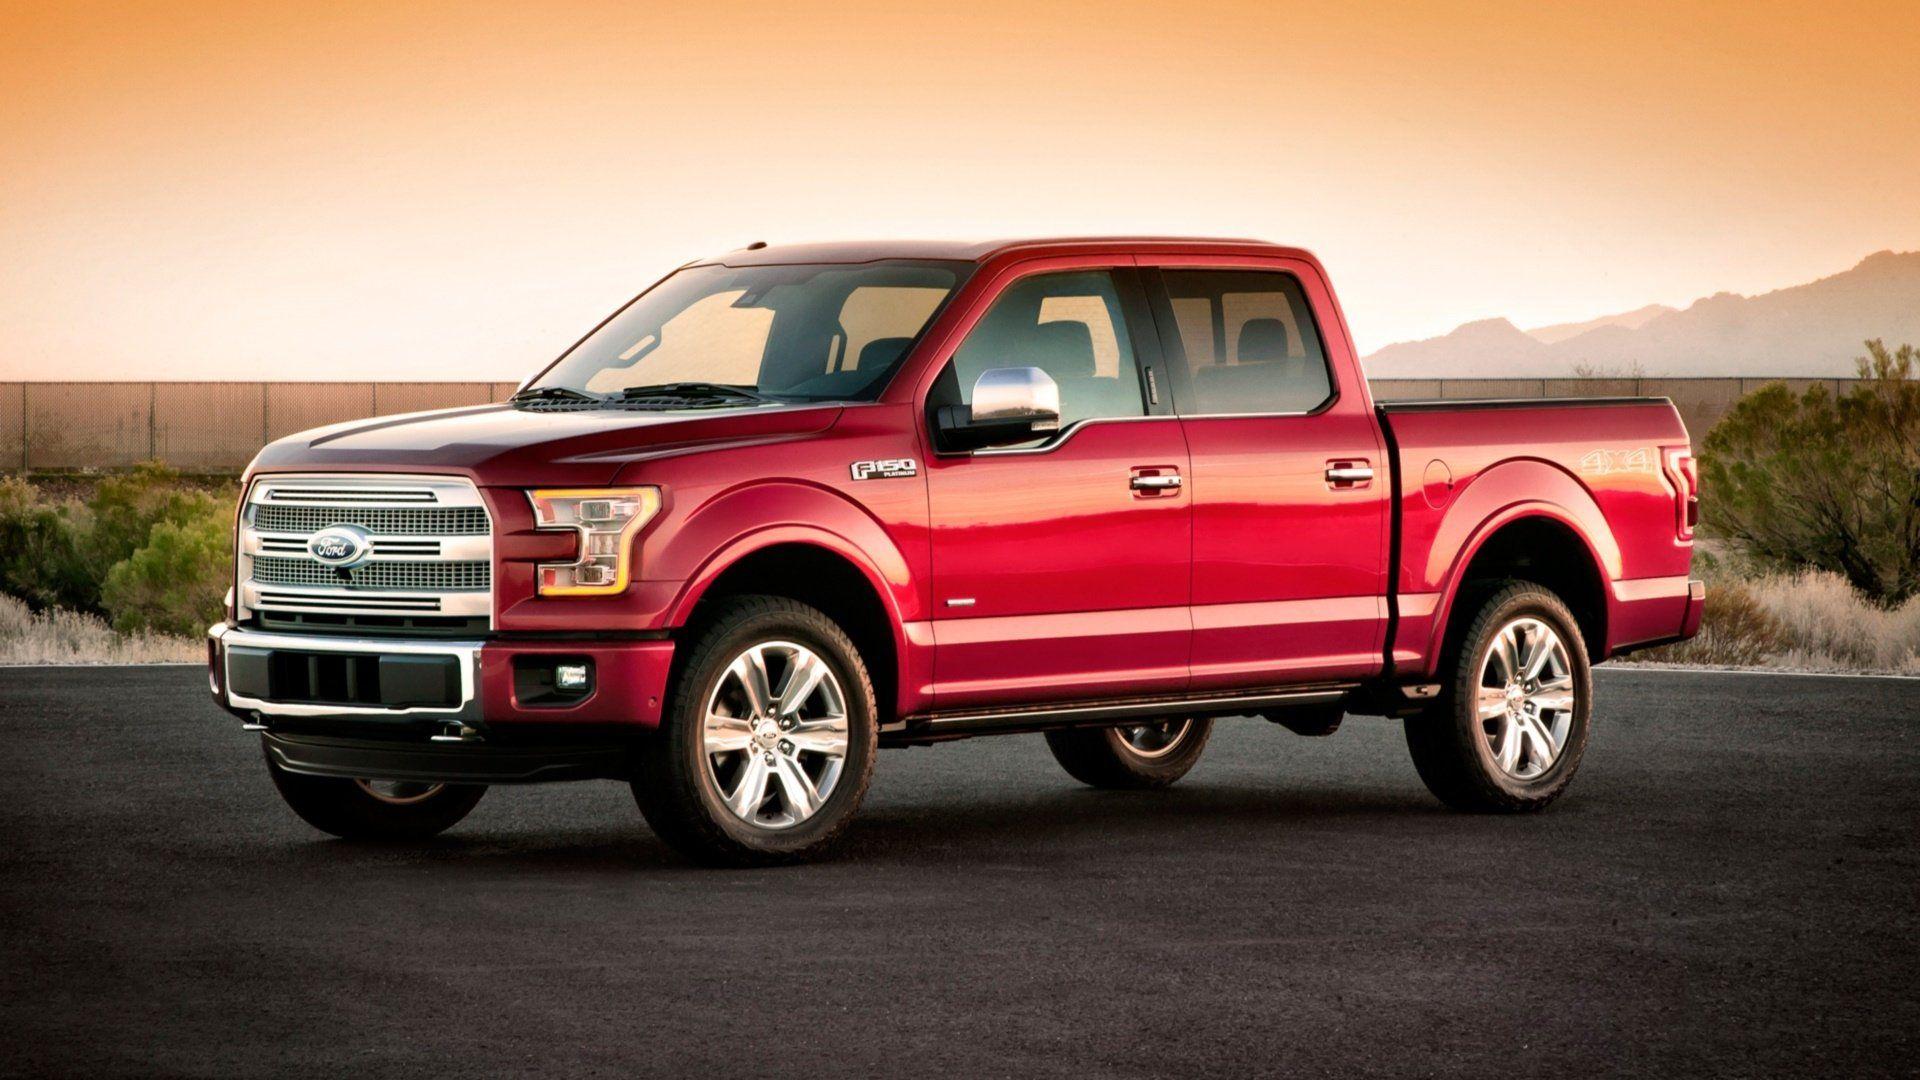 Vehiculos 2015 Ford F 150 Ford Wallpaper Pickup Trucks New Pickup Trucks Car Ford